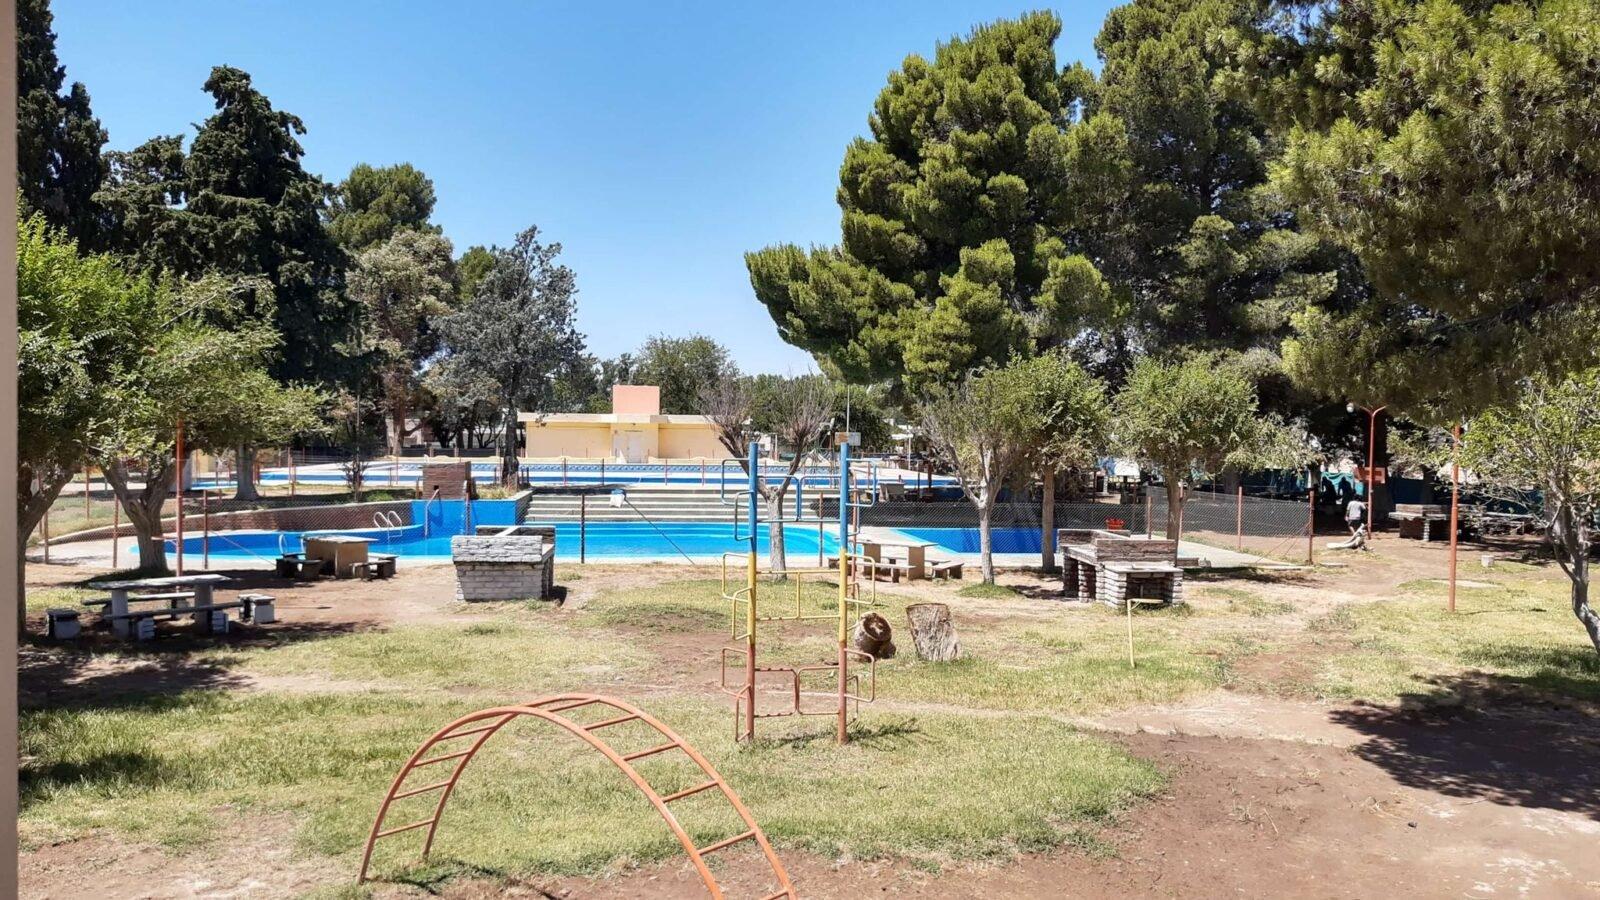 cotecal camping3 - Catriel25Noticias.com